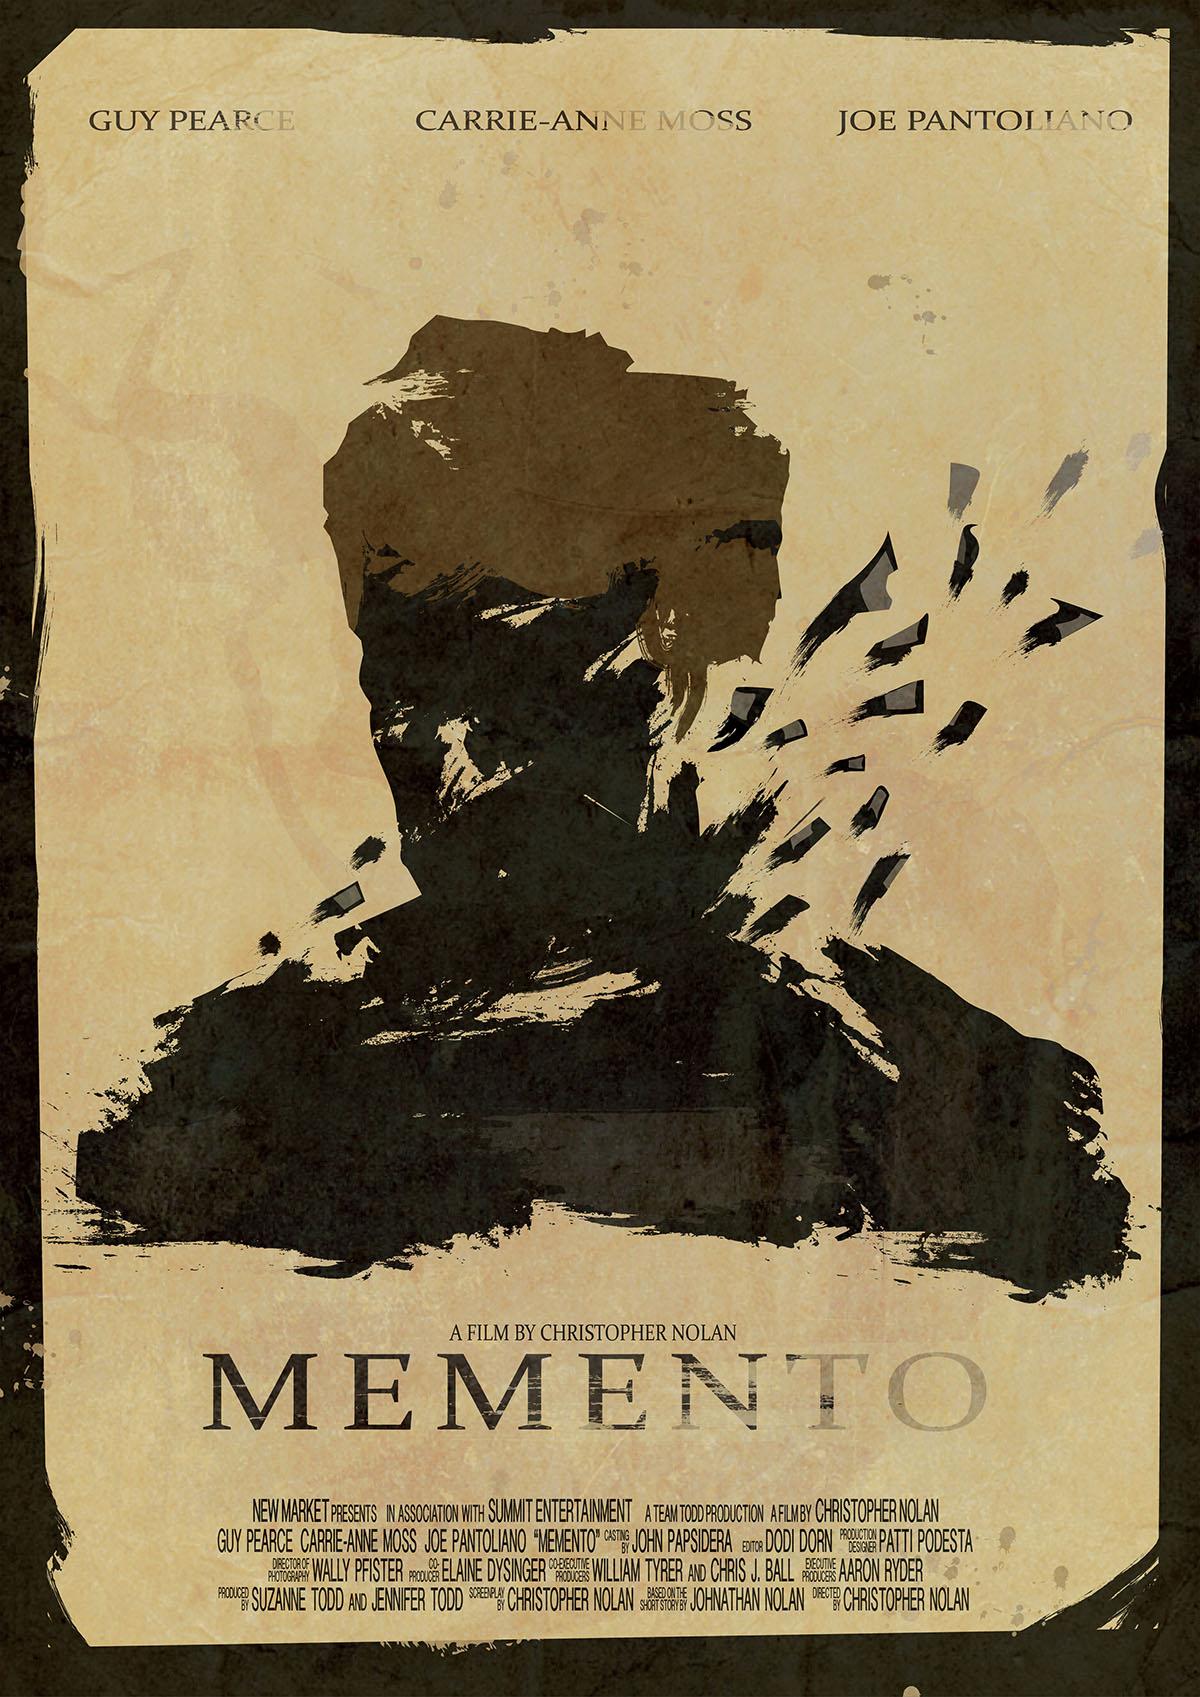 MEMENTO-FAN-POSTER-SMALL.jpg